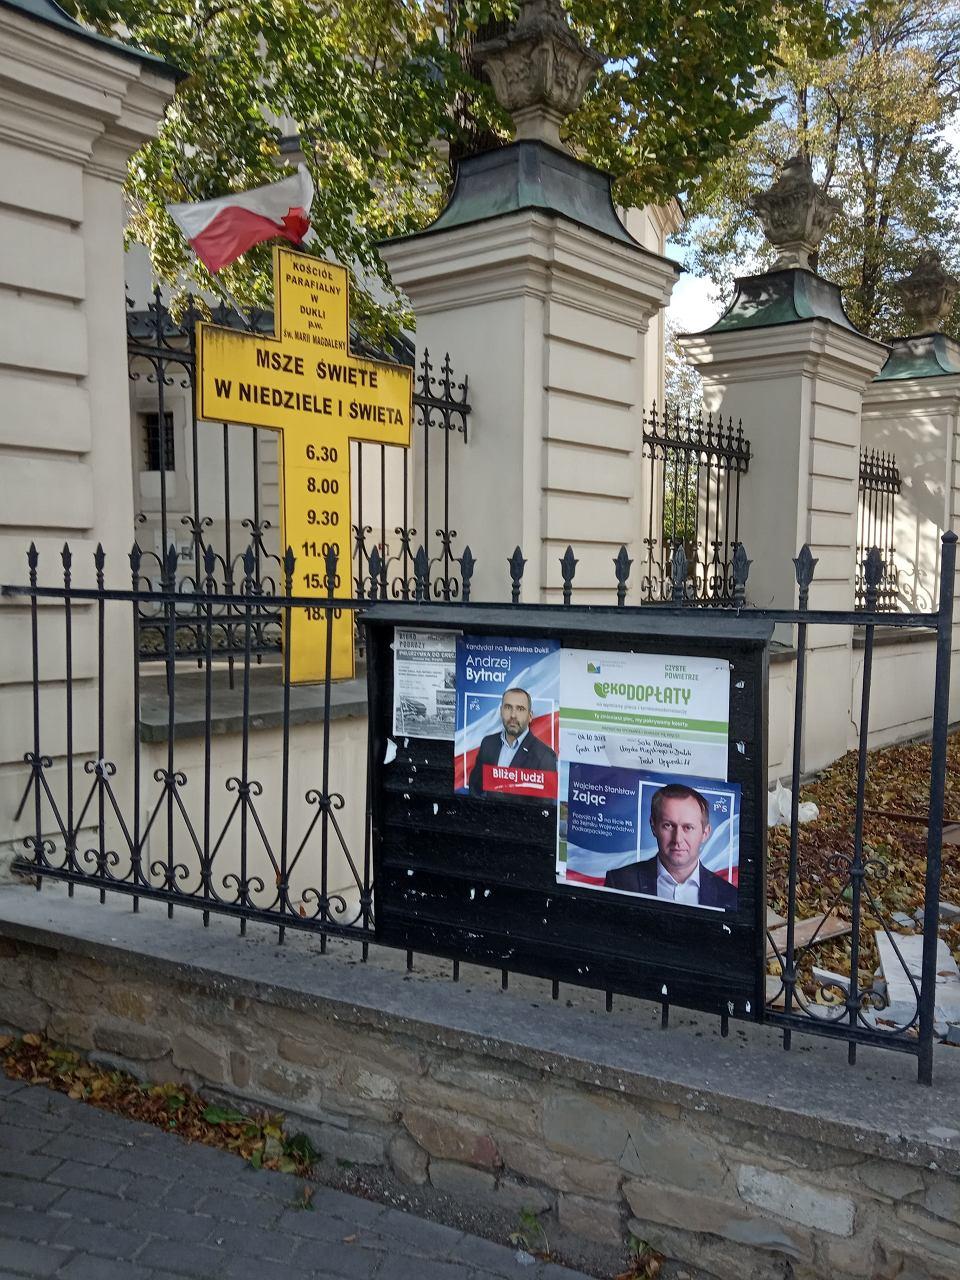 Wybory Samorządowe 2018 Plakaty Wyborcze Pis Na Tablicy Pod